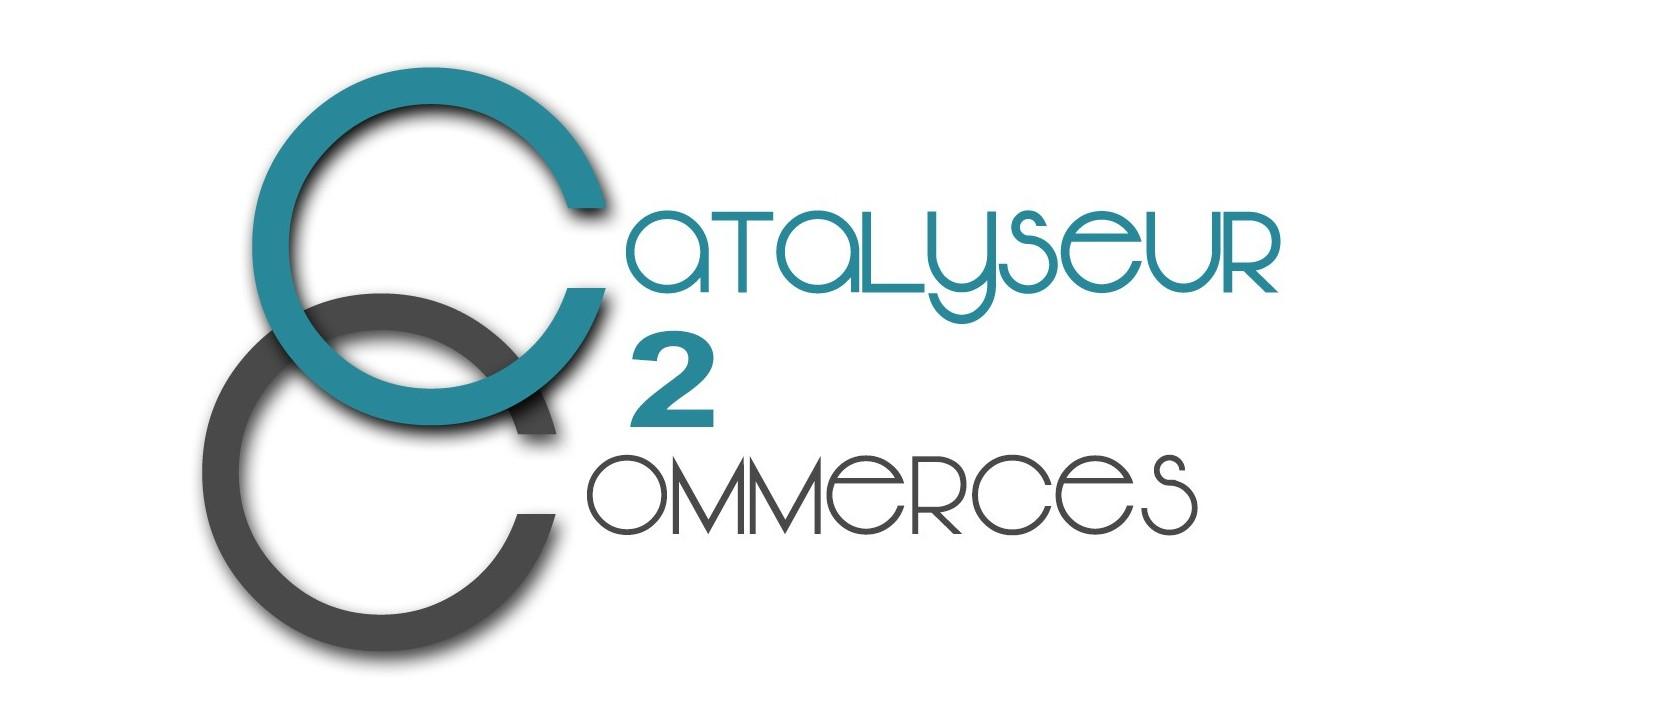 Catalyseur 2 Commerces